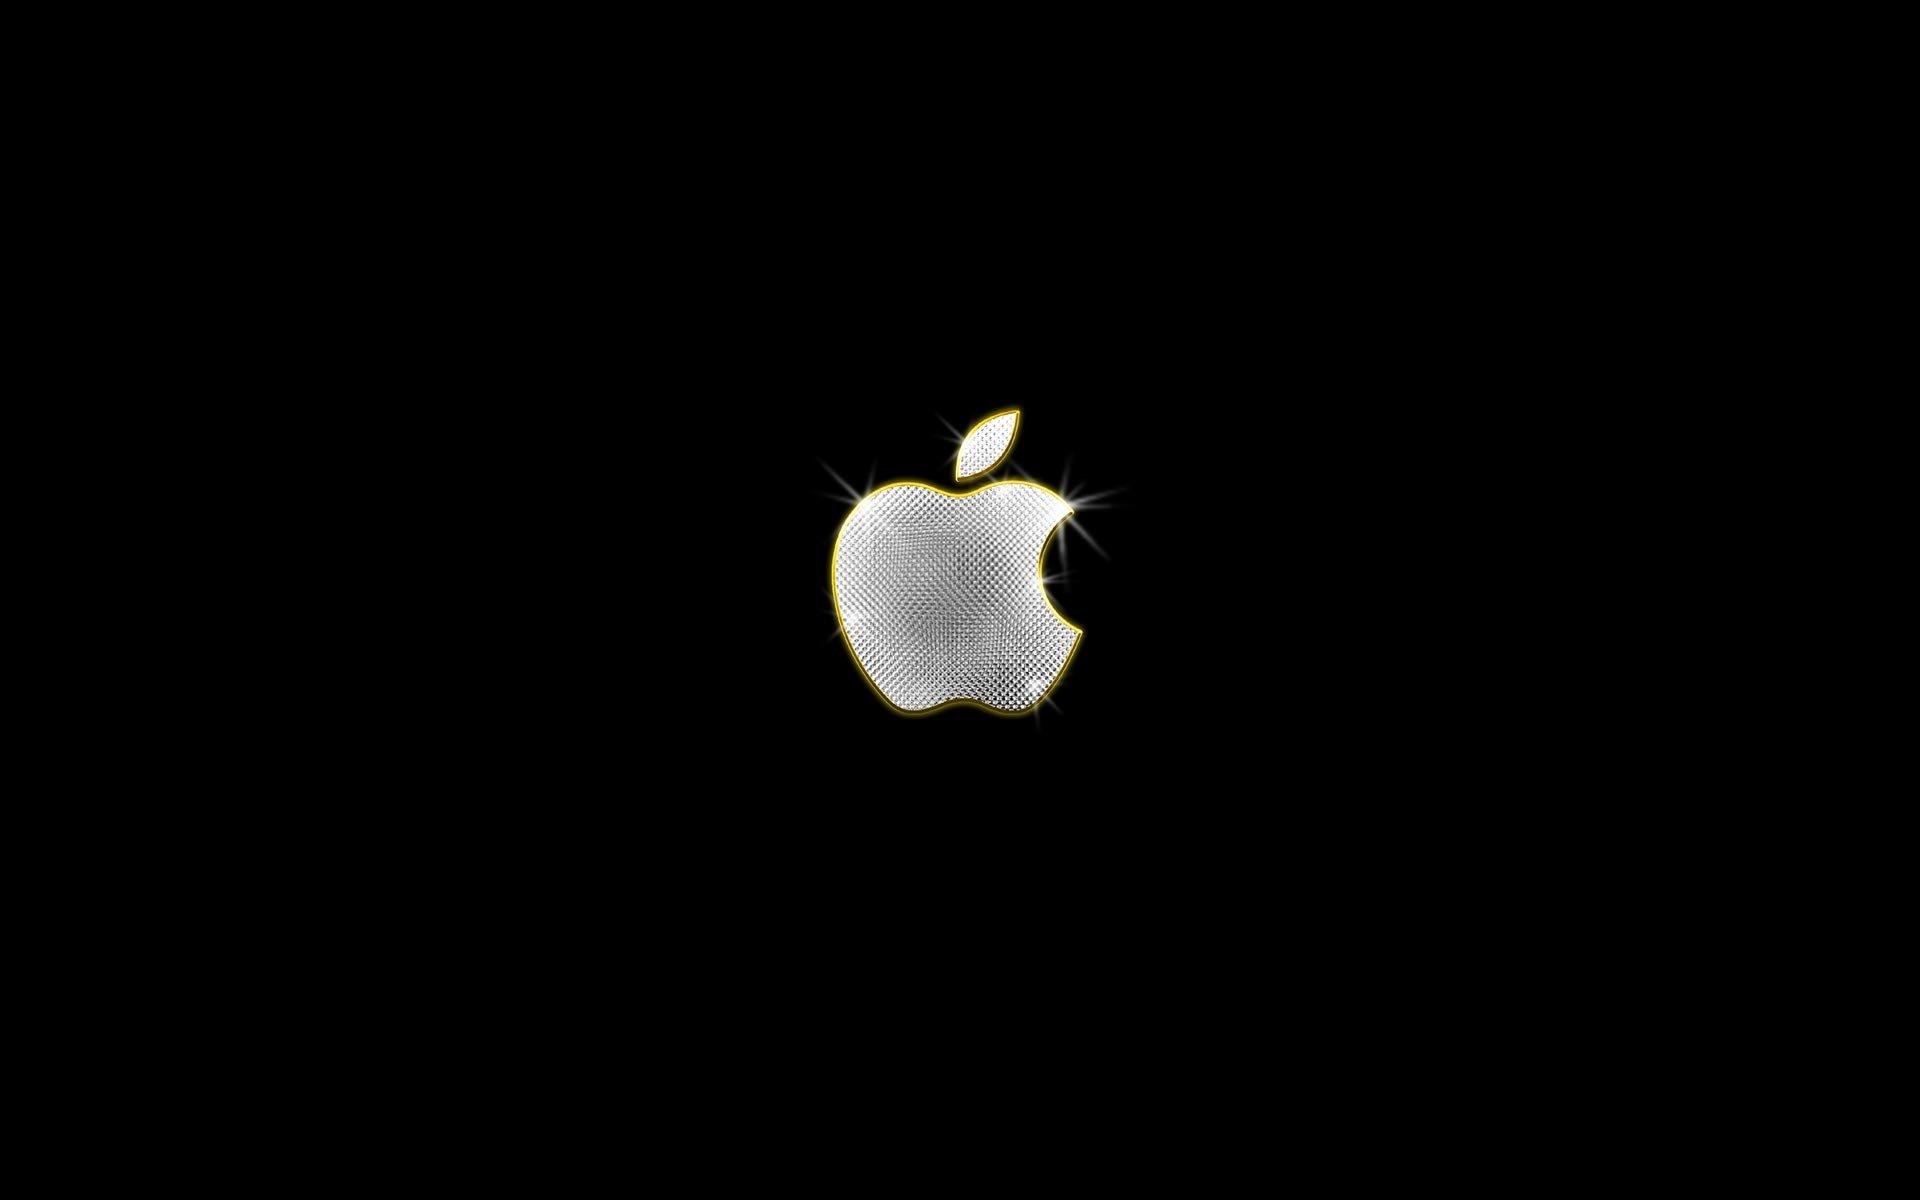 hình ảnh logo Apple là thương hiệu sản phẩm iPhone hay MacBook số 42